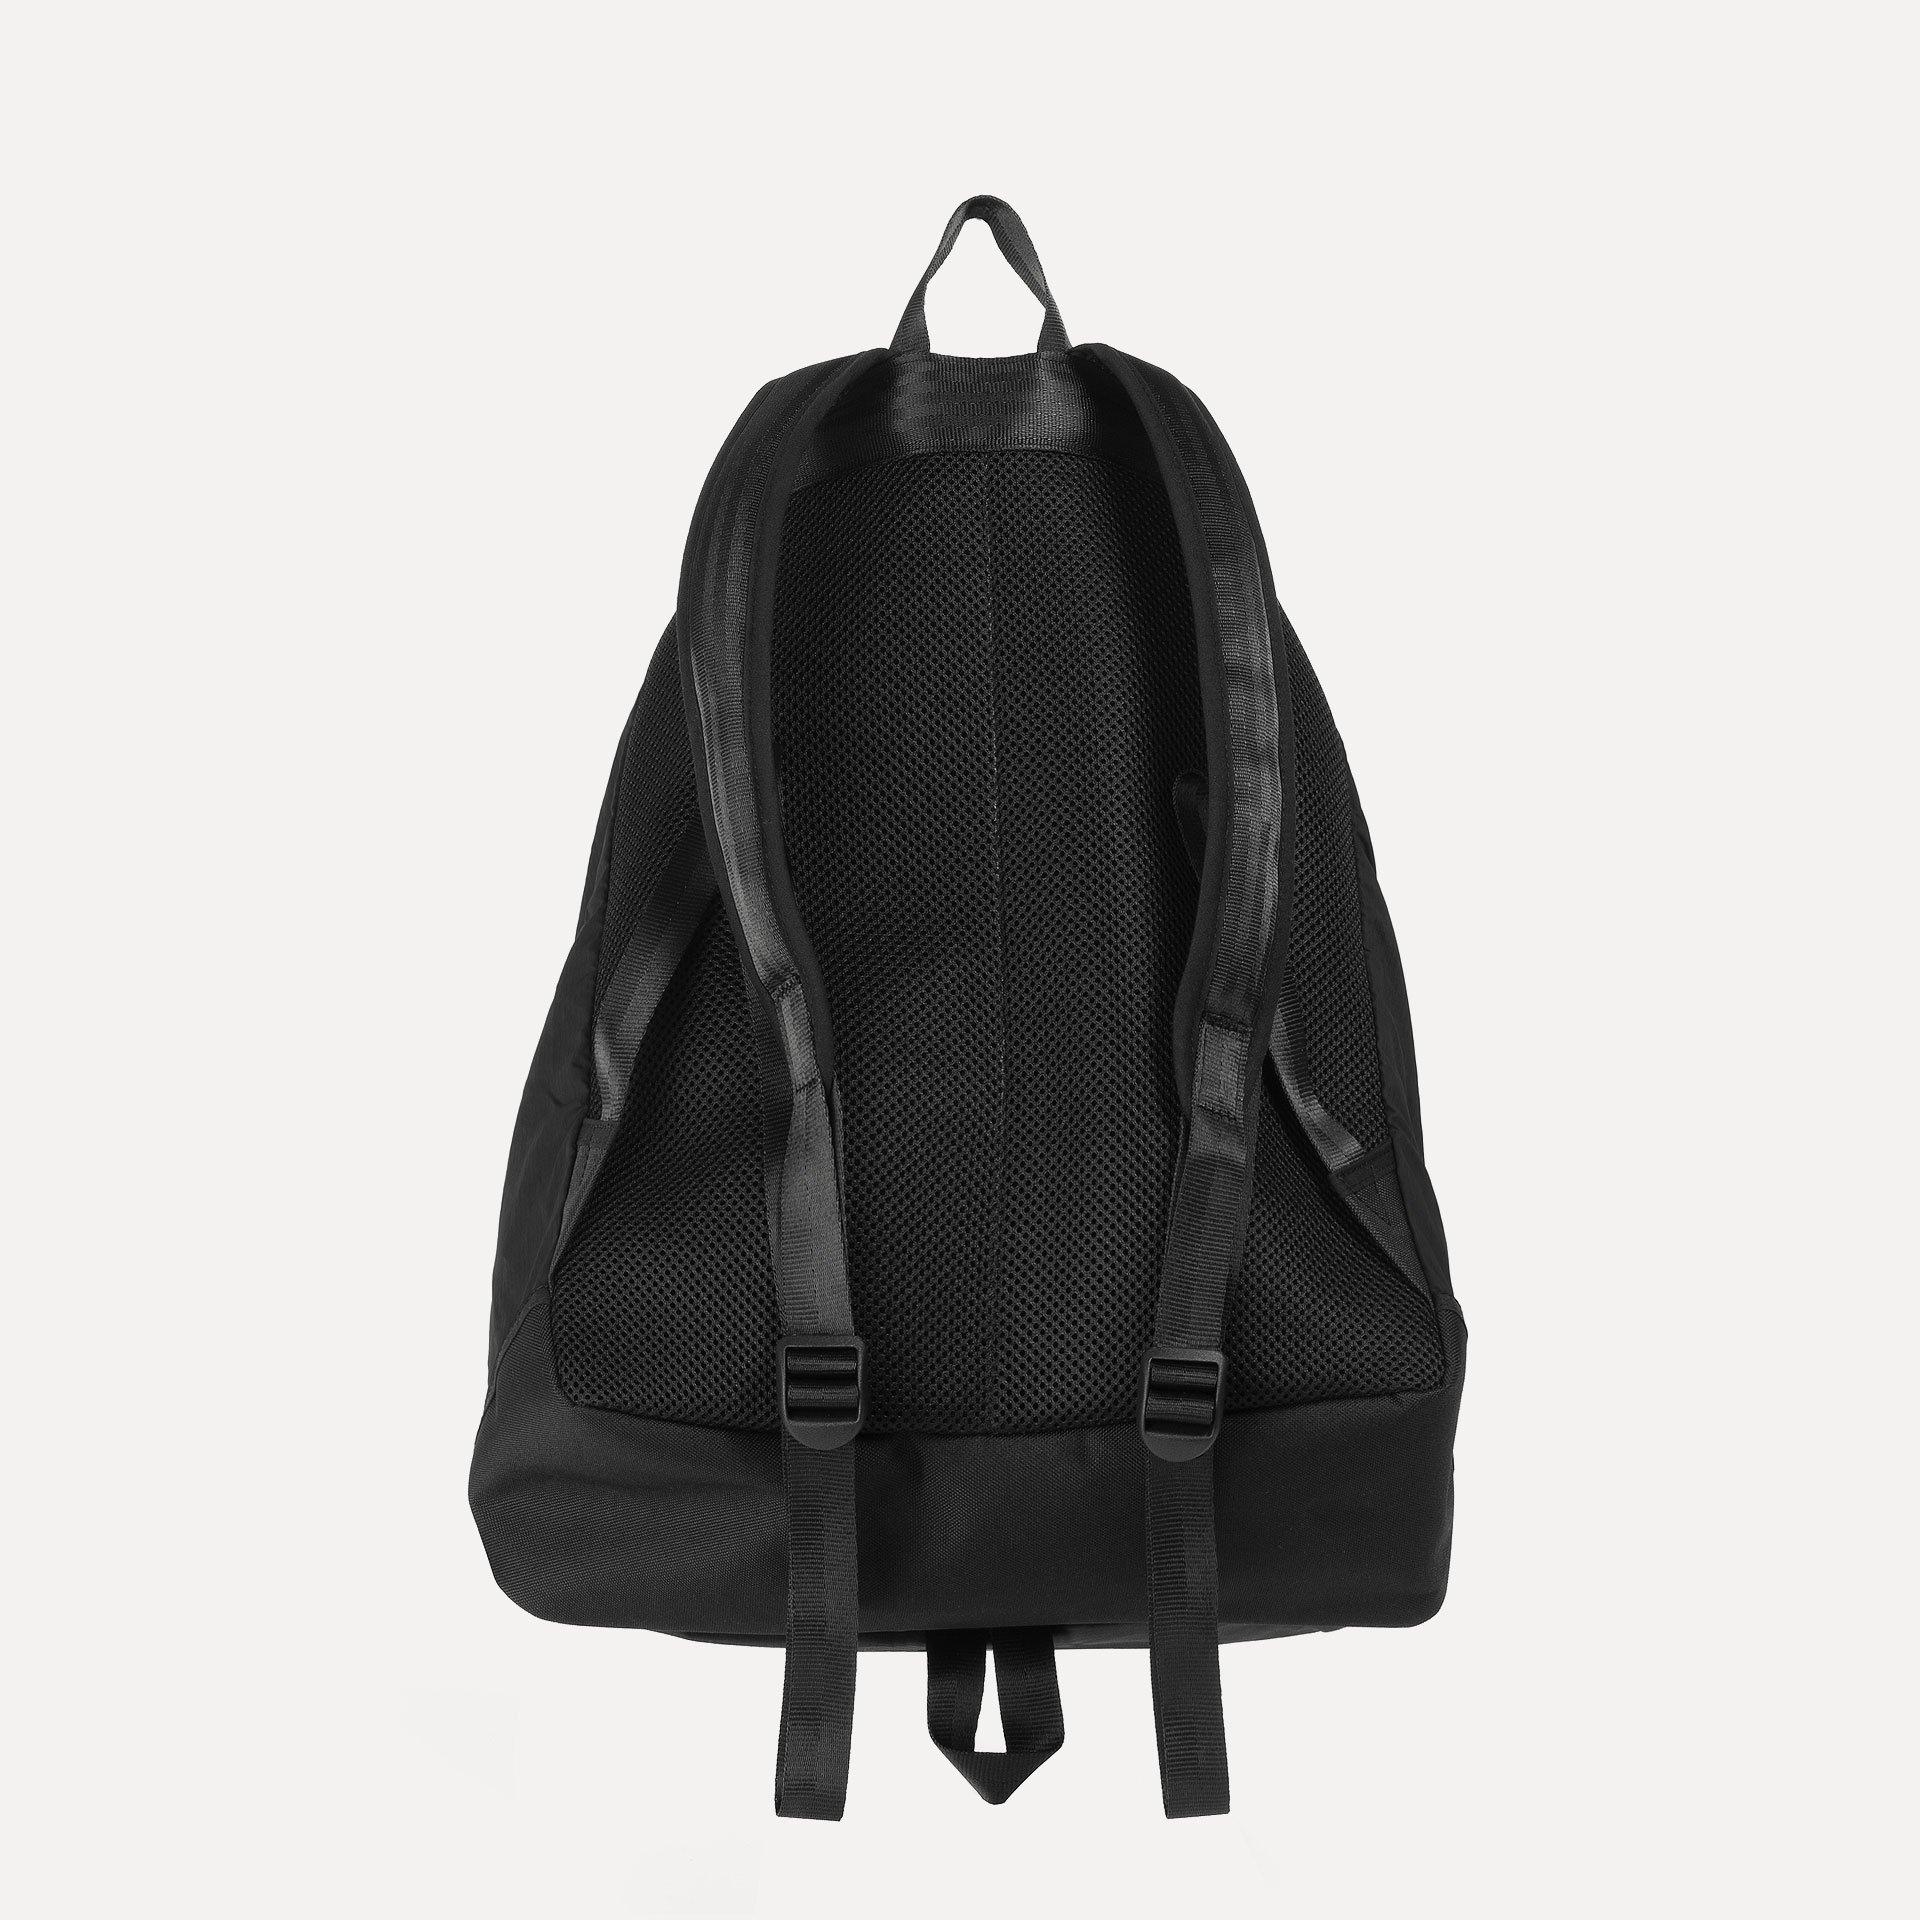 23L Bayou Backpack - Black (image n°3)